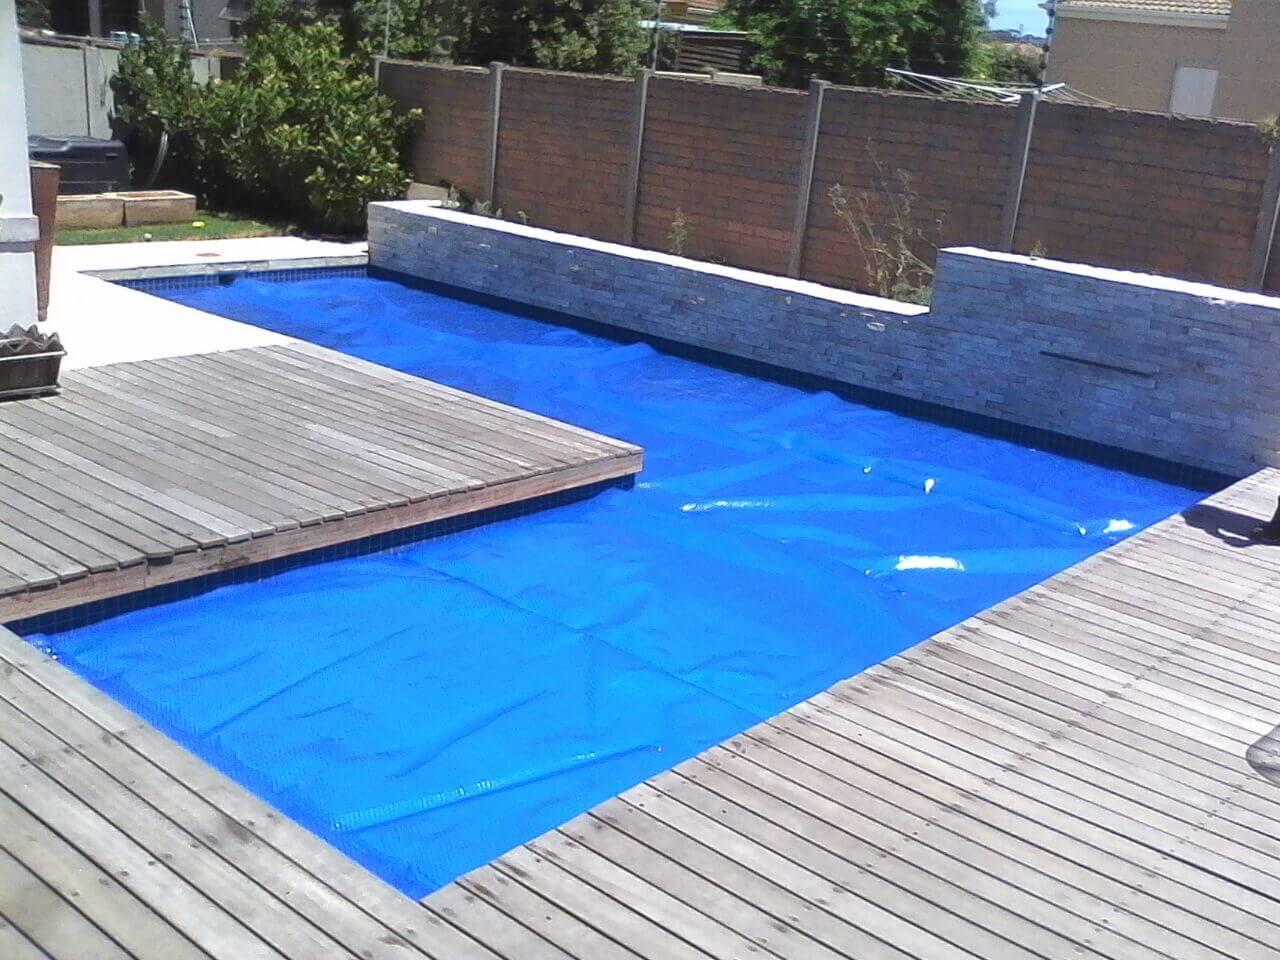 покрытие бассейна зима - весна - лето - осень